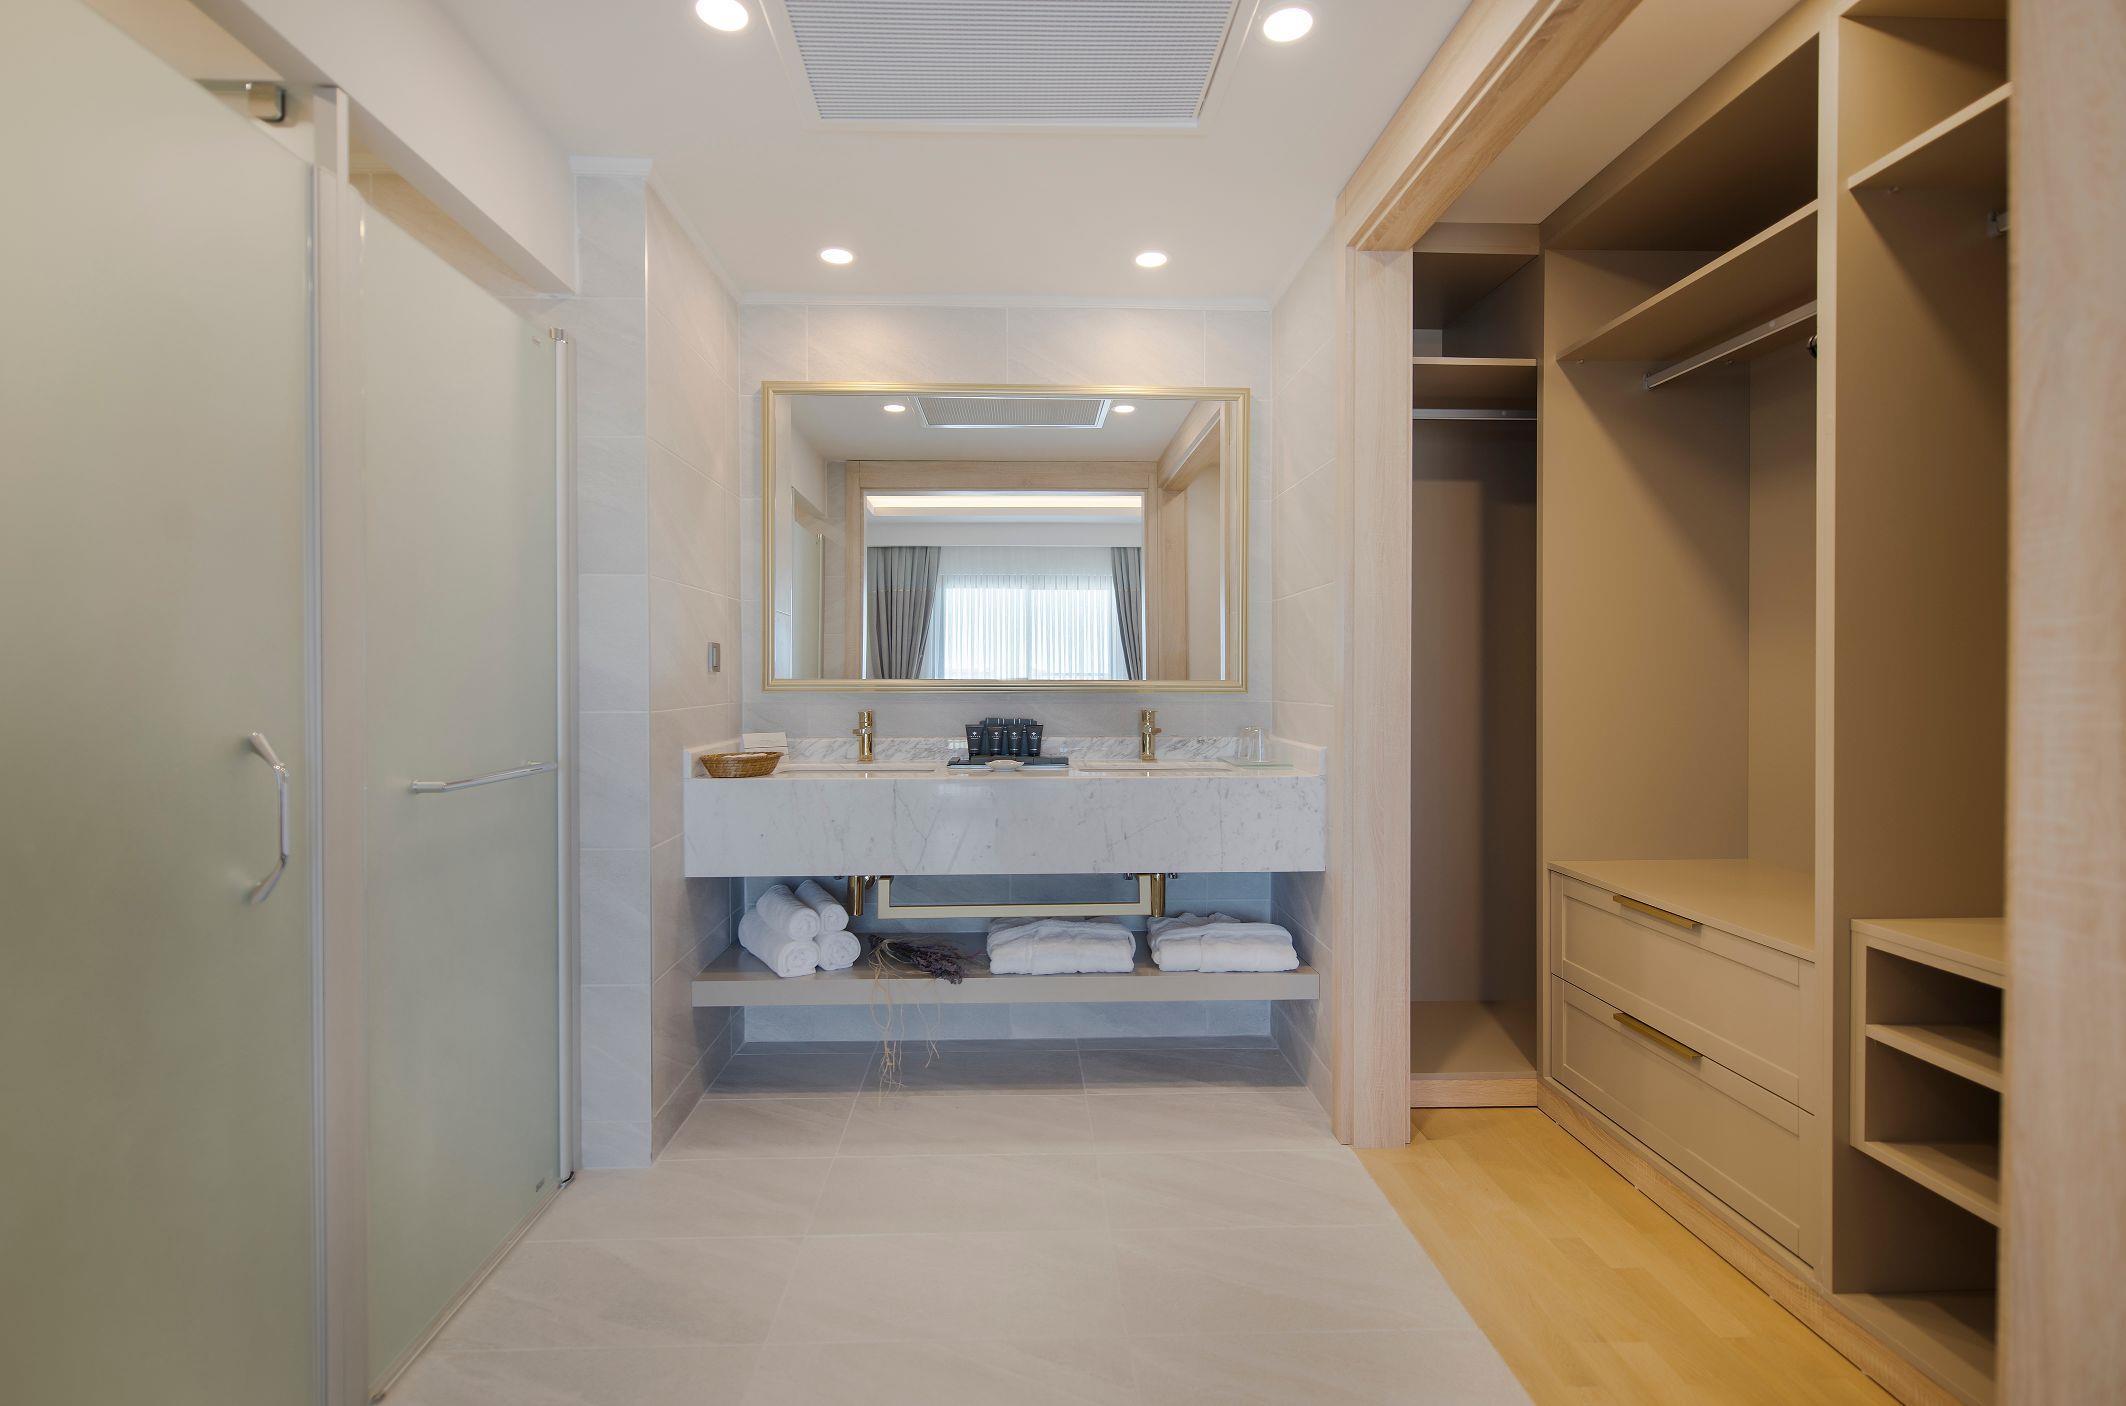 http://www.orextravel.sk/OREX/hotelphotos/miramare-queen-hotel-general-0033.jpg